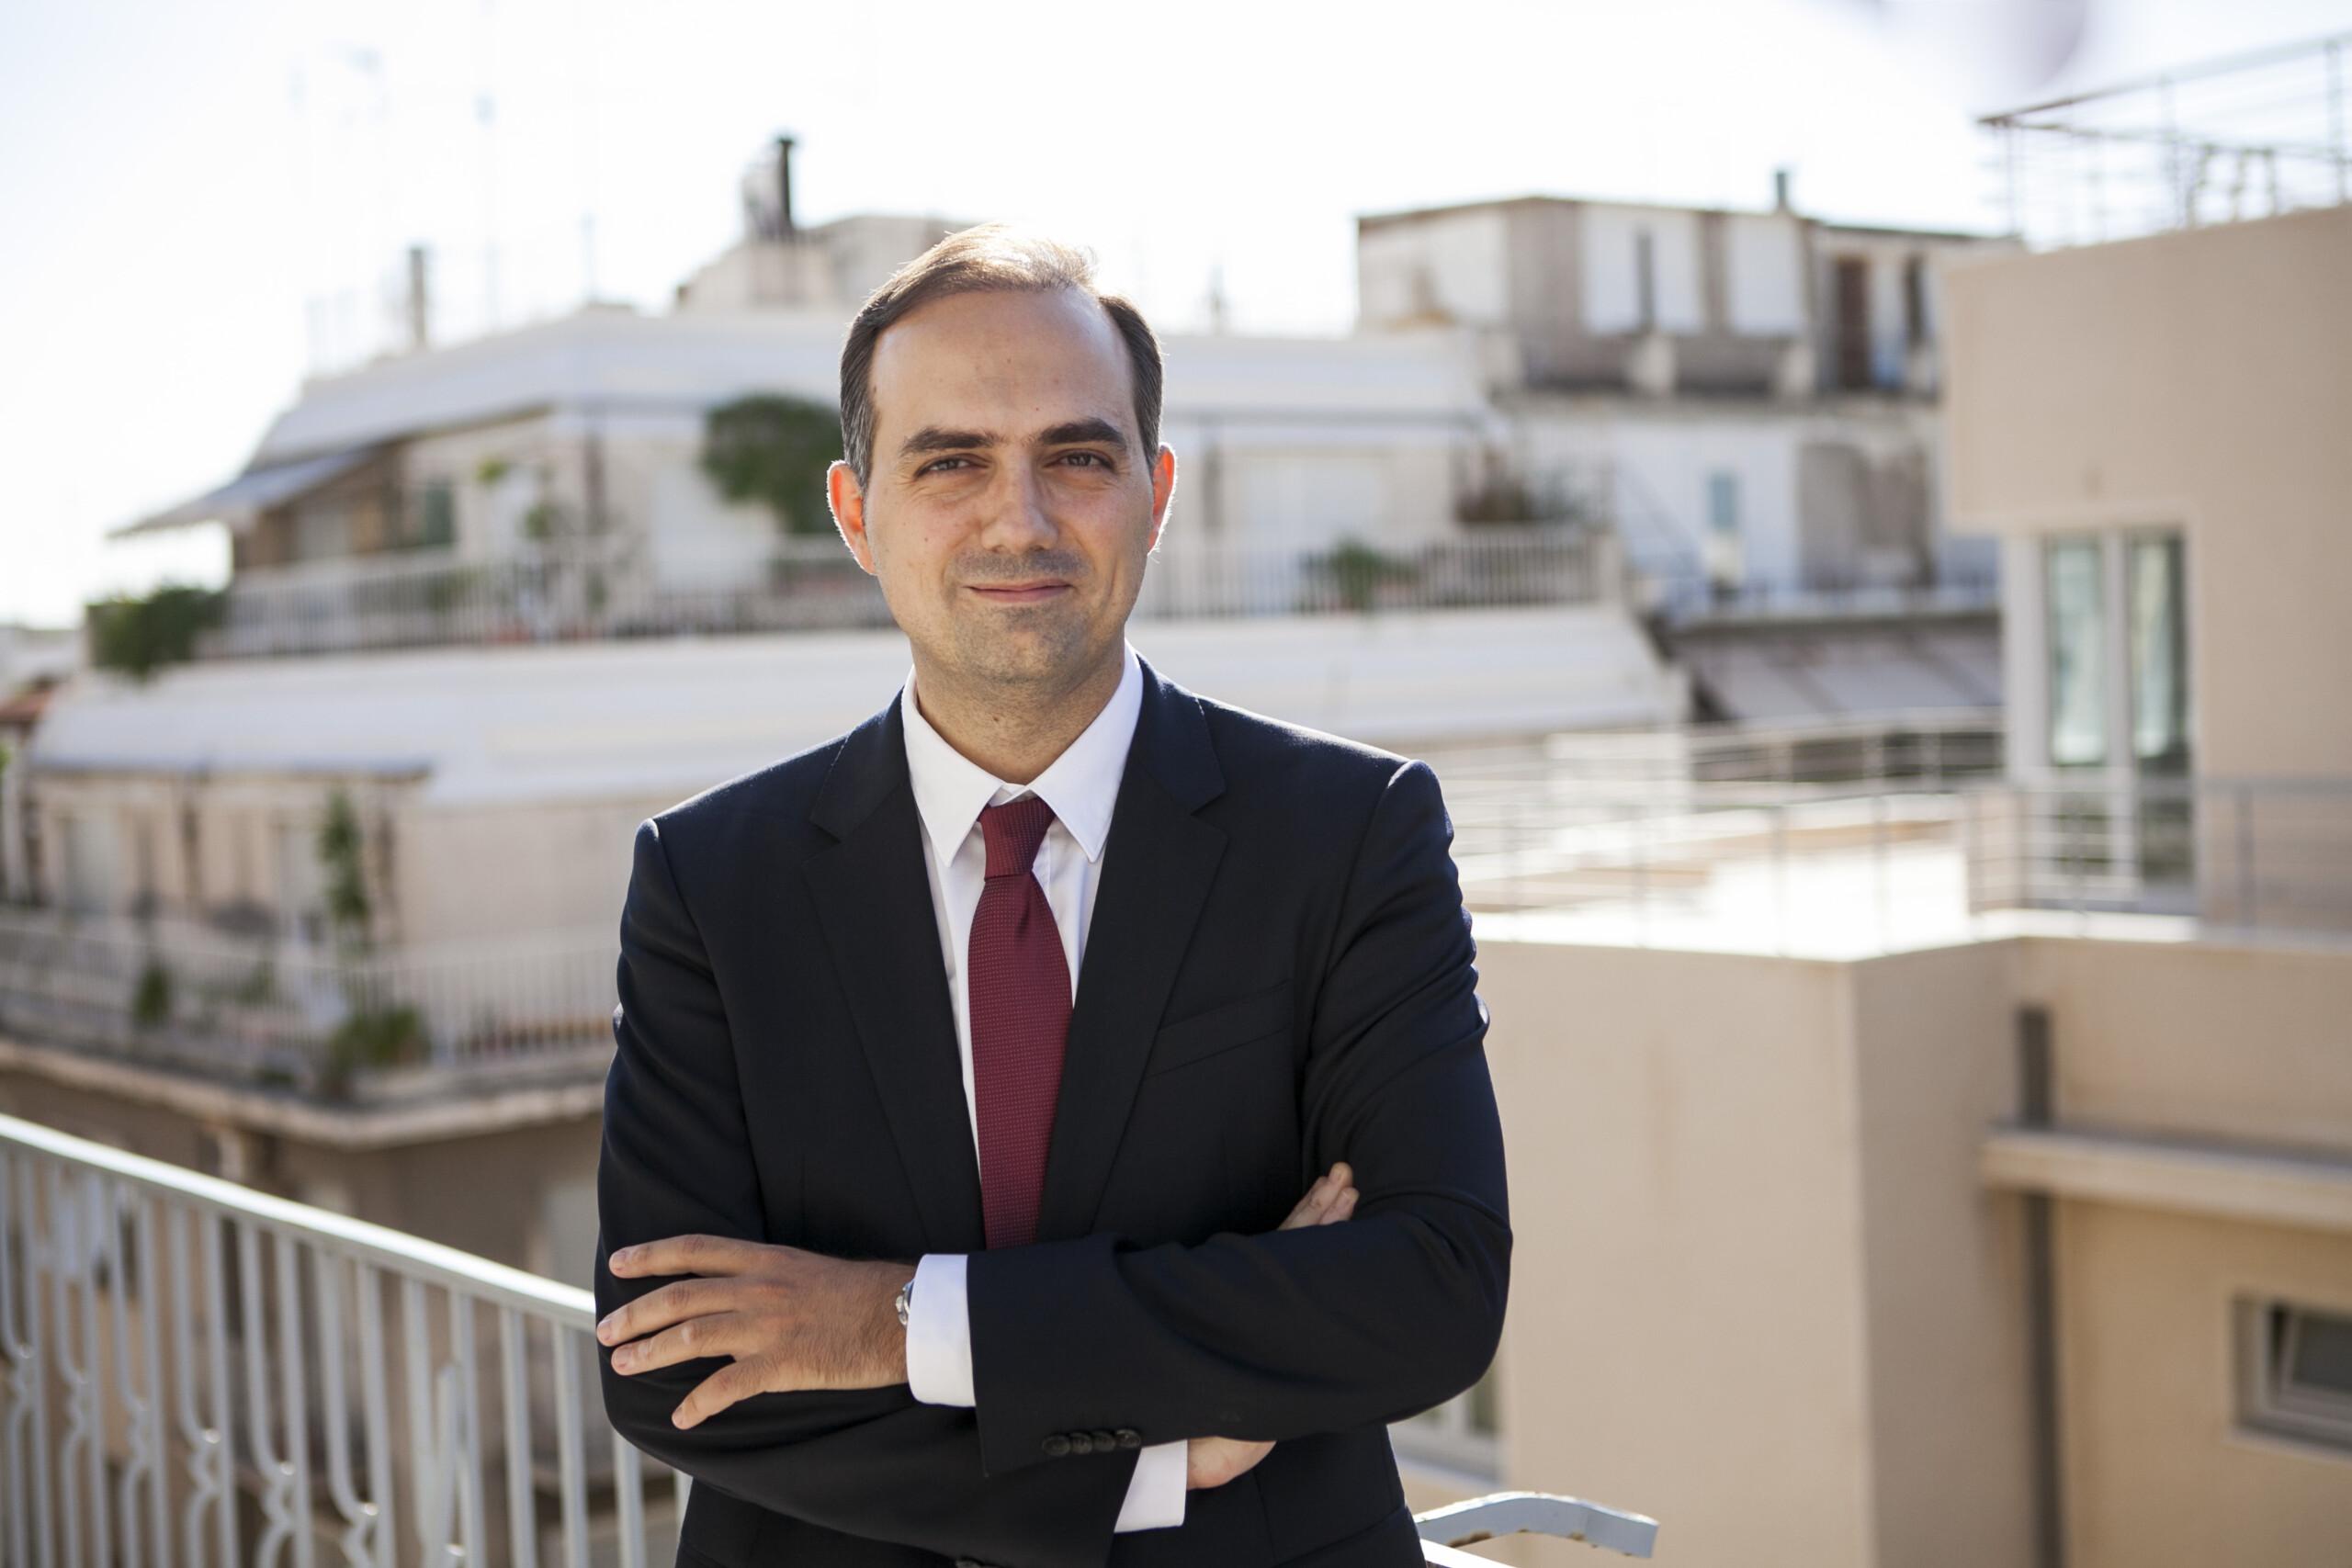 Πυροσβεστική παρέμβαση του επικεφαλής της «αξιωματικής αντιπολίτευσης» του ΔΣΑ Δ. Αναστασόπουλου στην   αντιπαράθεση δικαστών και δικηγόρων για την λειτουργία των δικαστηρίων